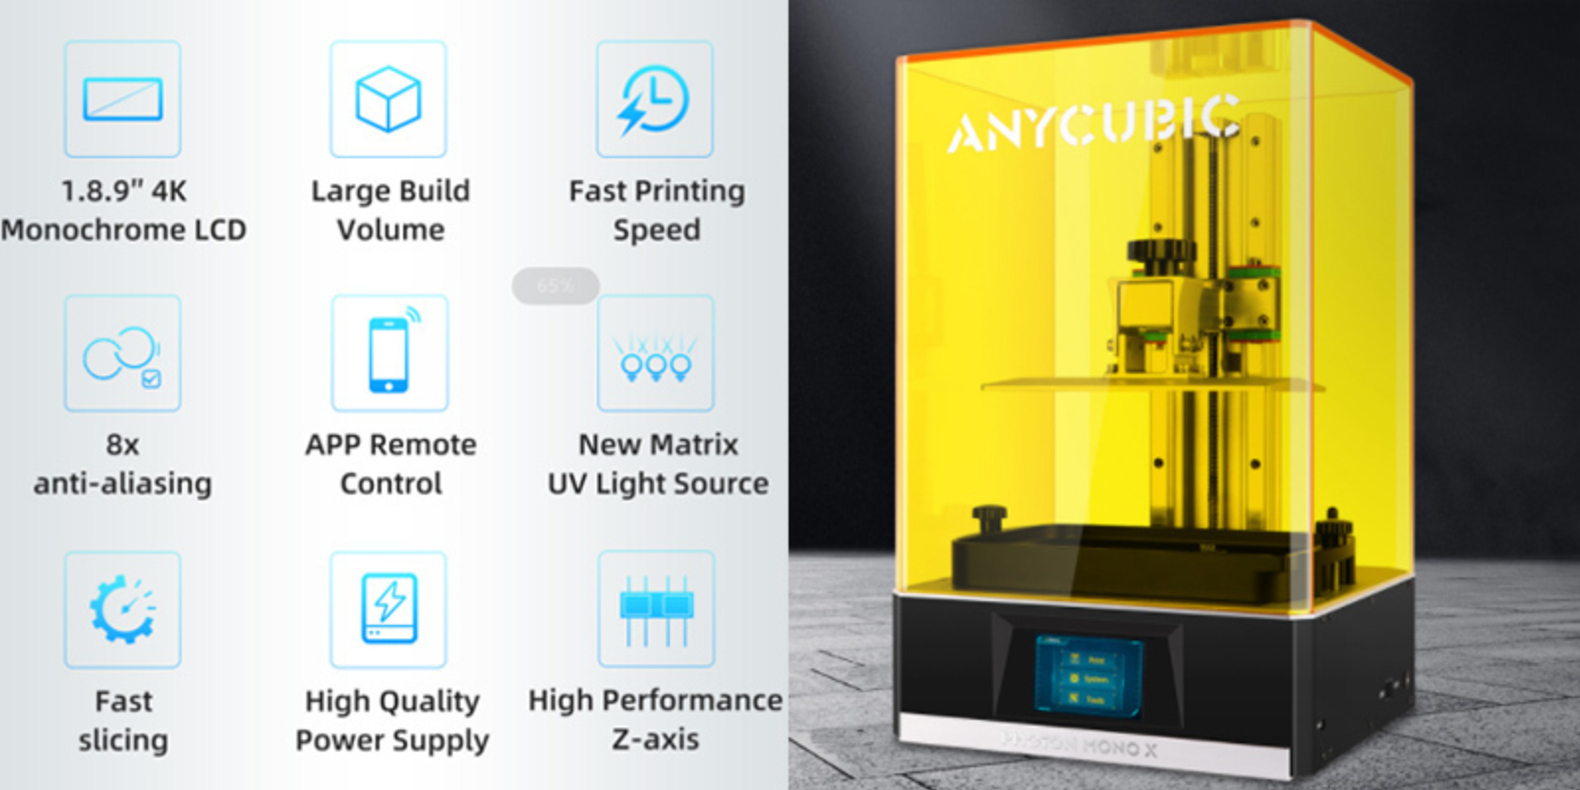 El Anycubic Photon Mono X ofrece un gran volumen y una rápida velocidad de impresión con una pantalla LCD monocroma